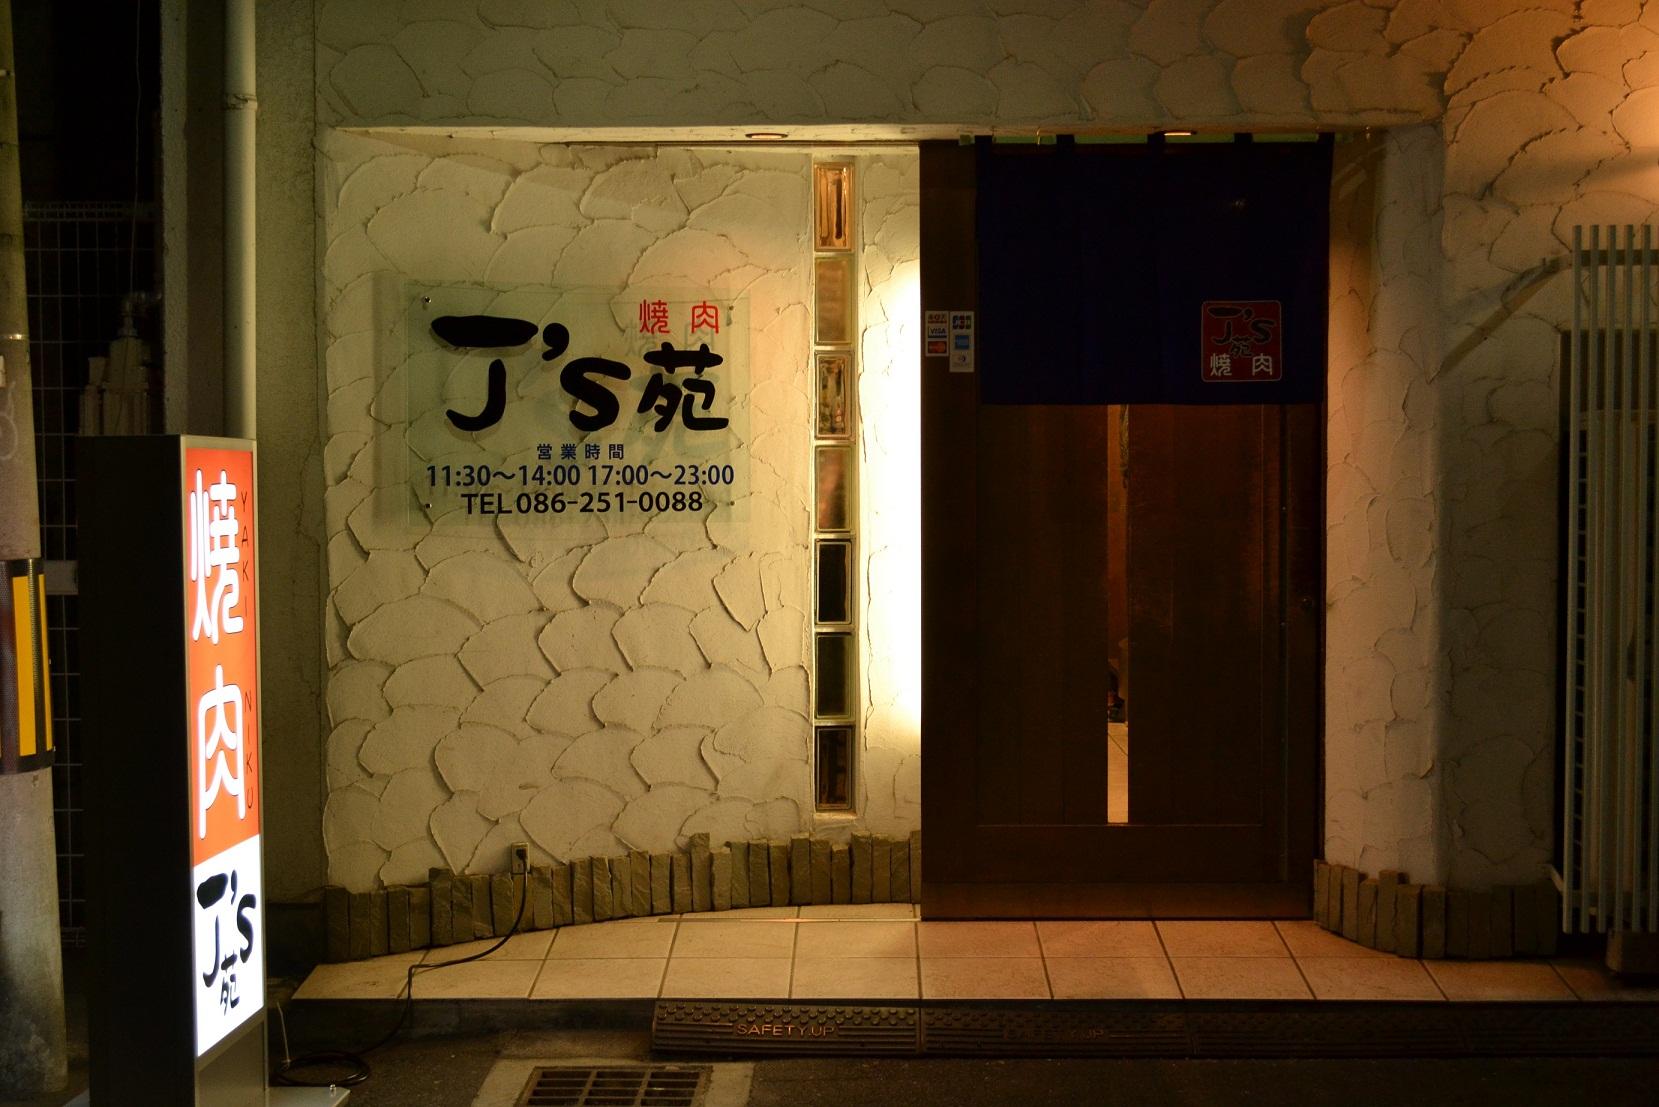 岡山県岡山市 焼き肉 J's苑│概観